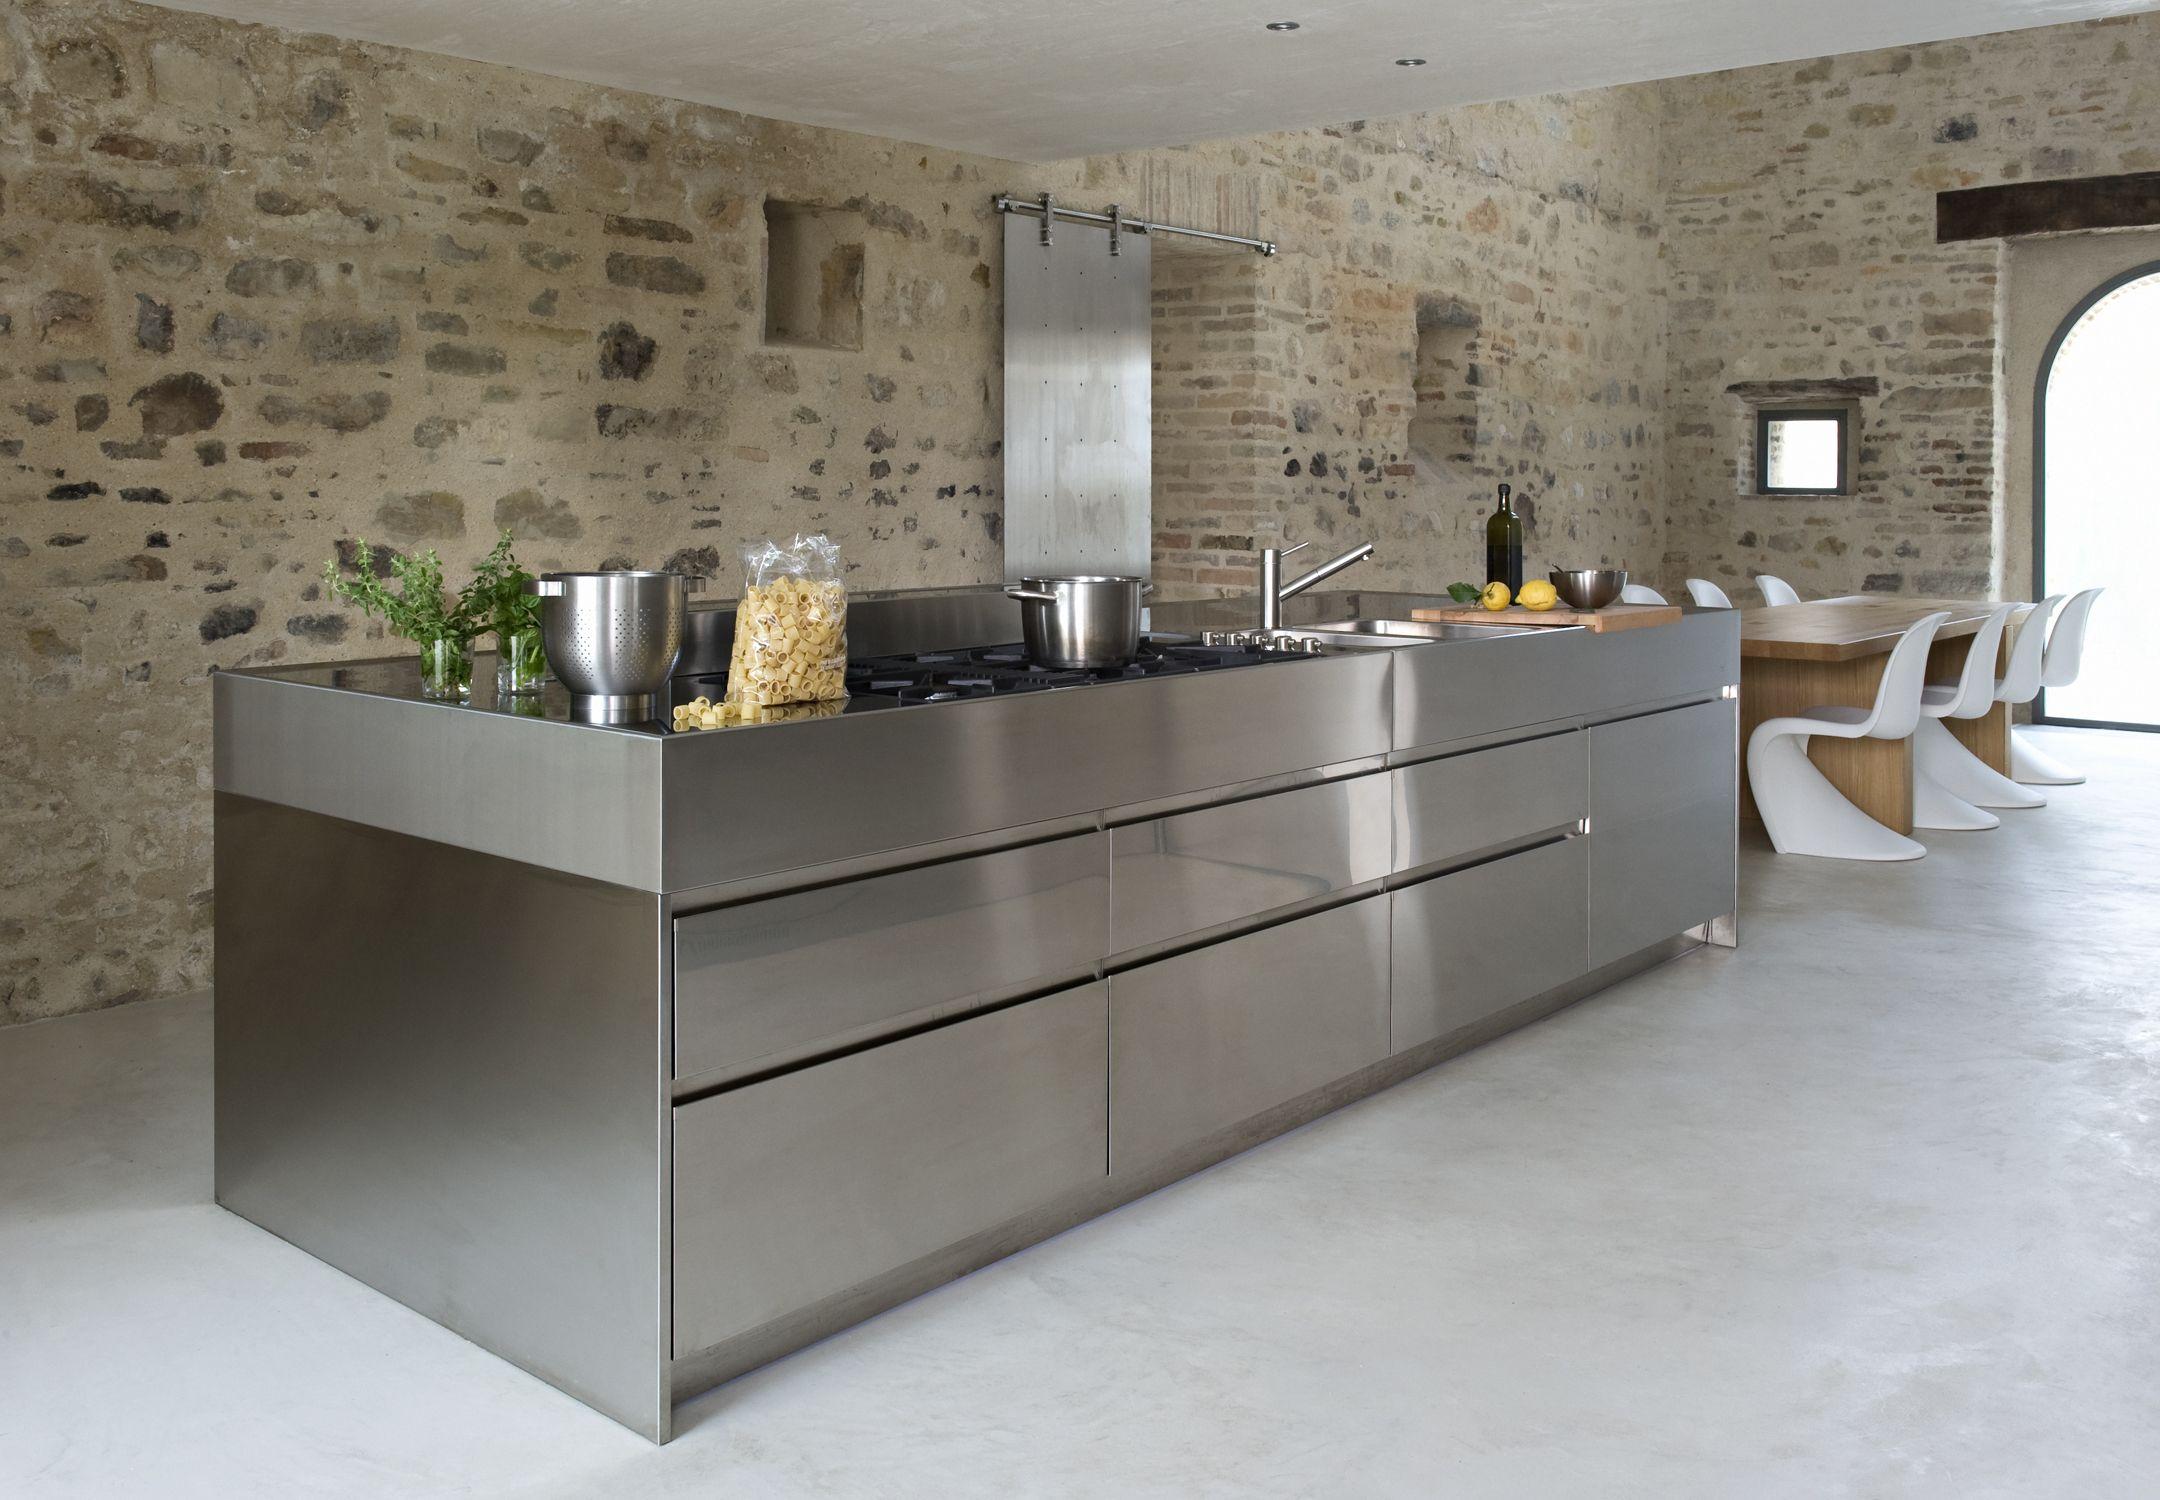 Arclinea keuken in keuken rvs keuken en